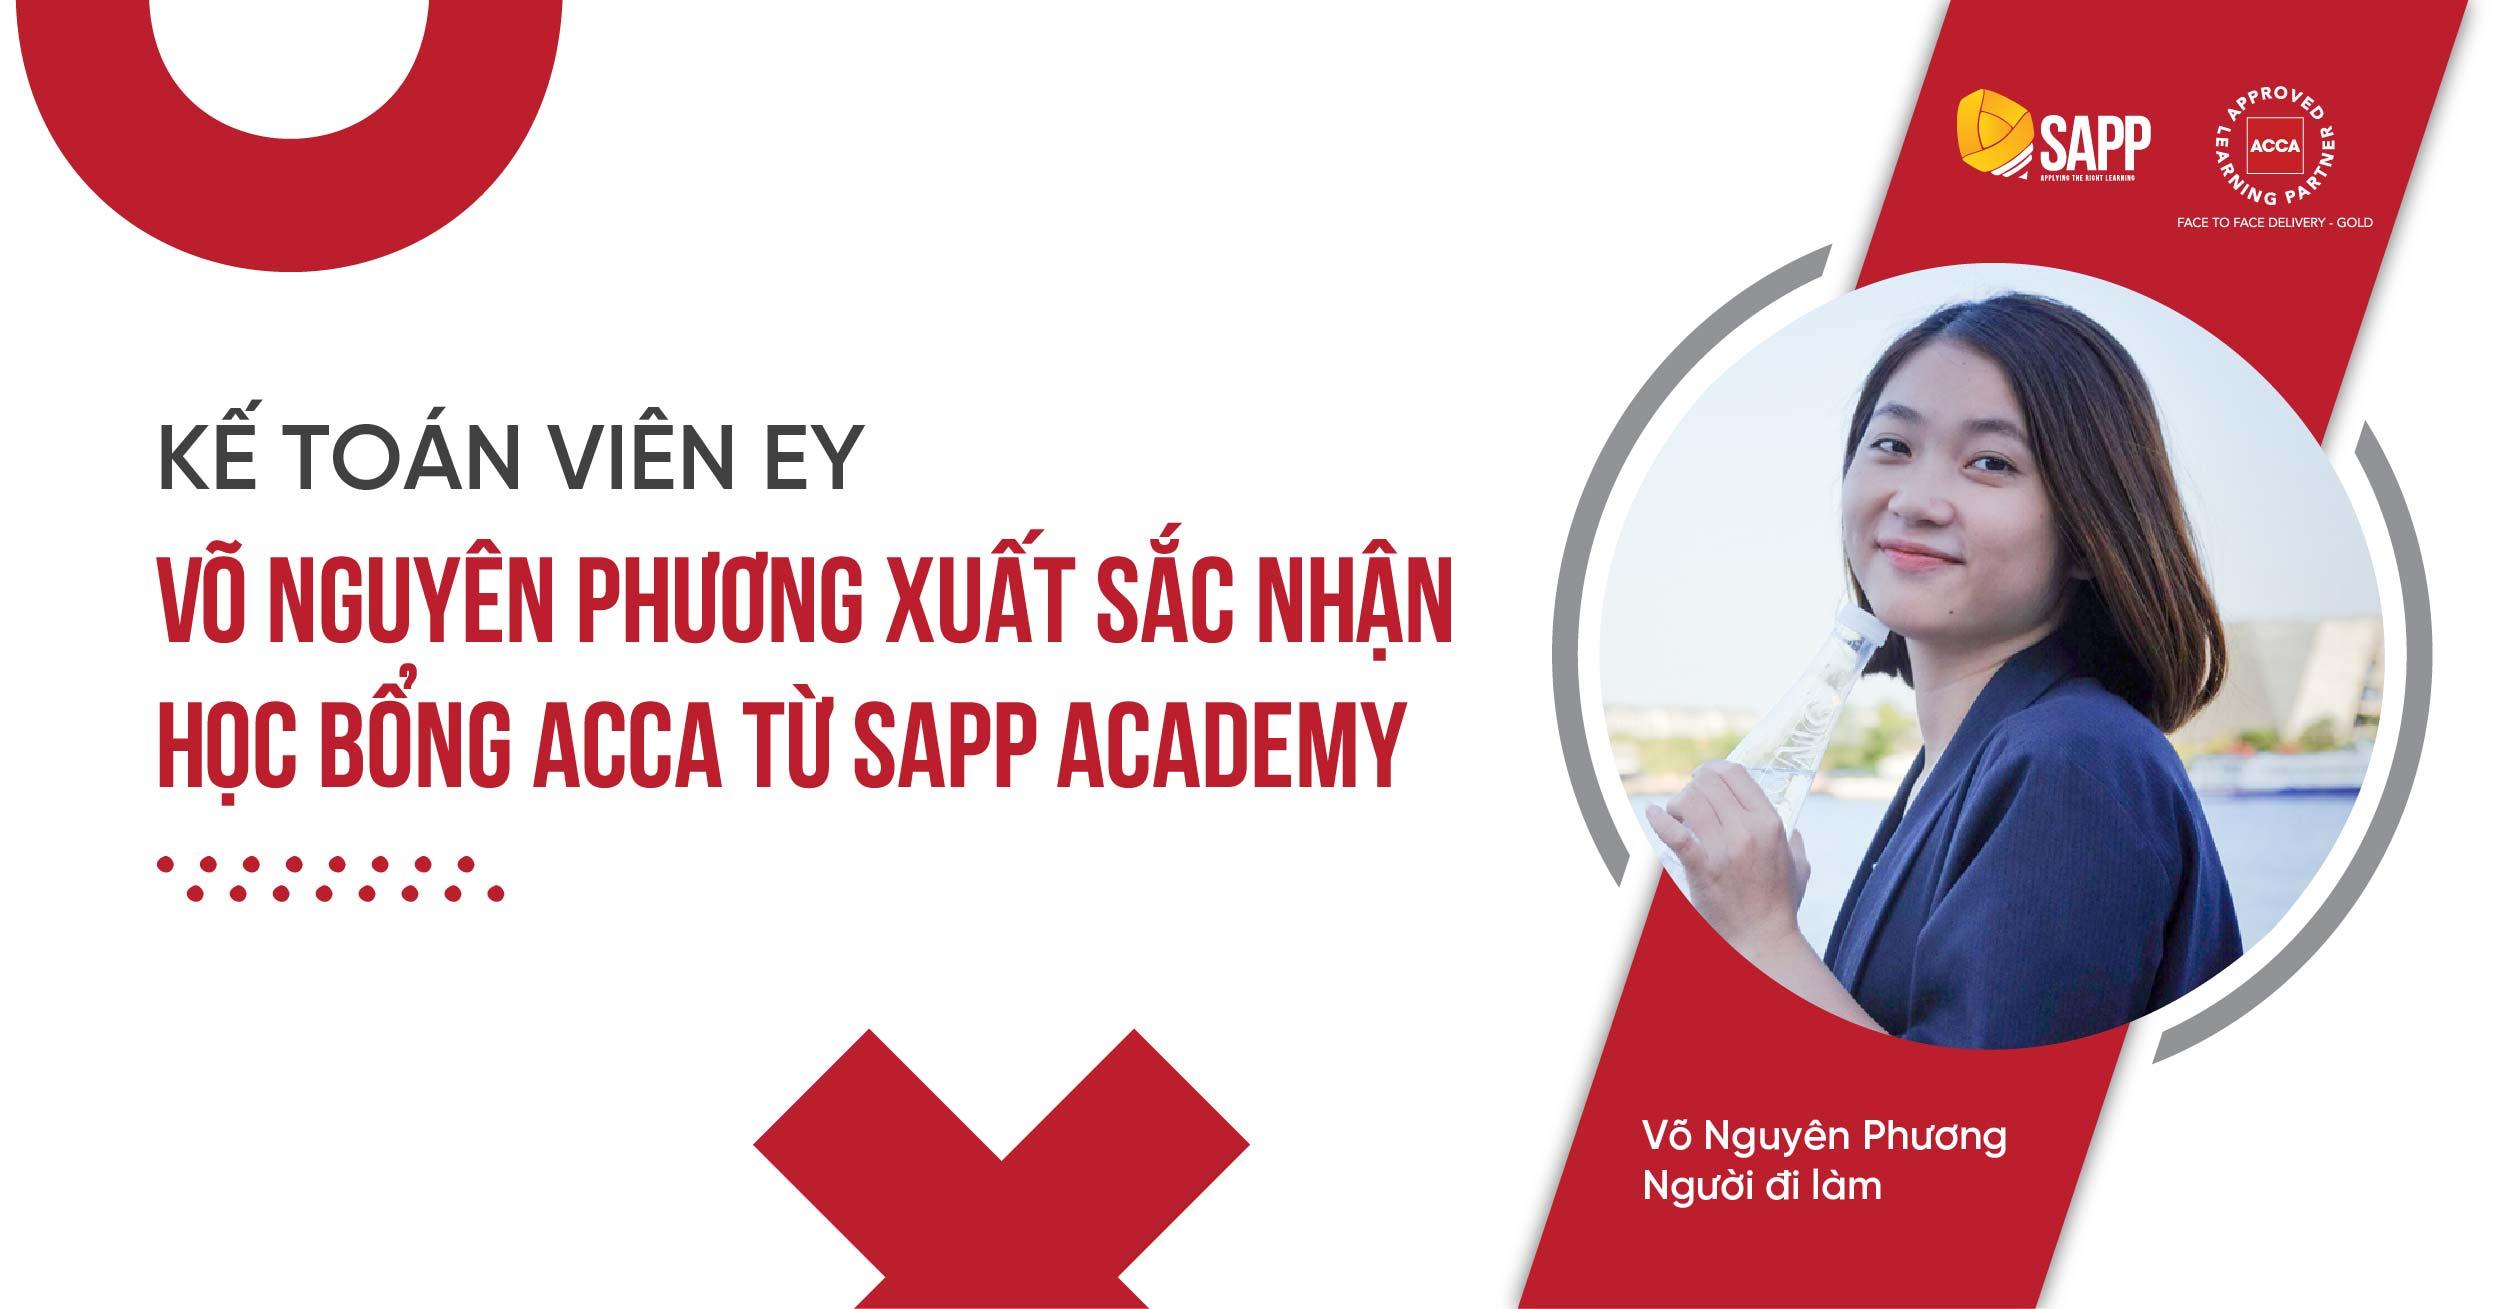 Kế Toán Viên EY - Võ Nguyên Phương - xuất sắc nhận học bổng ACCA từ SAPP Academy